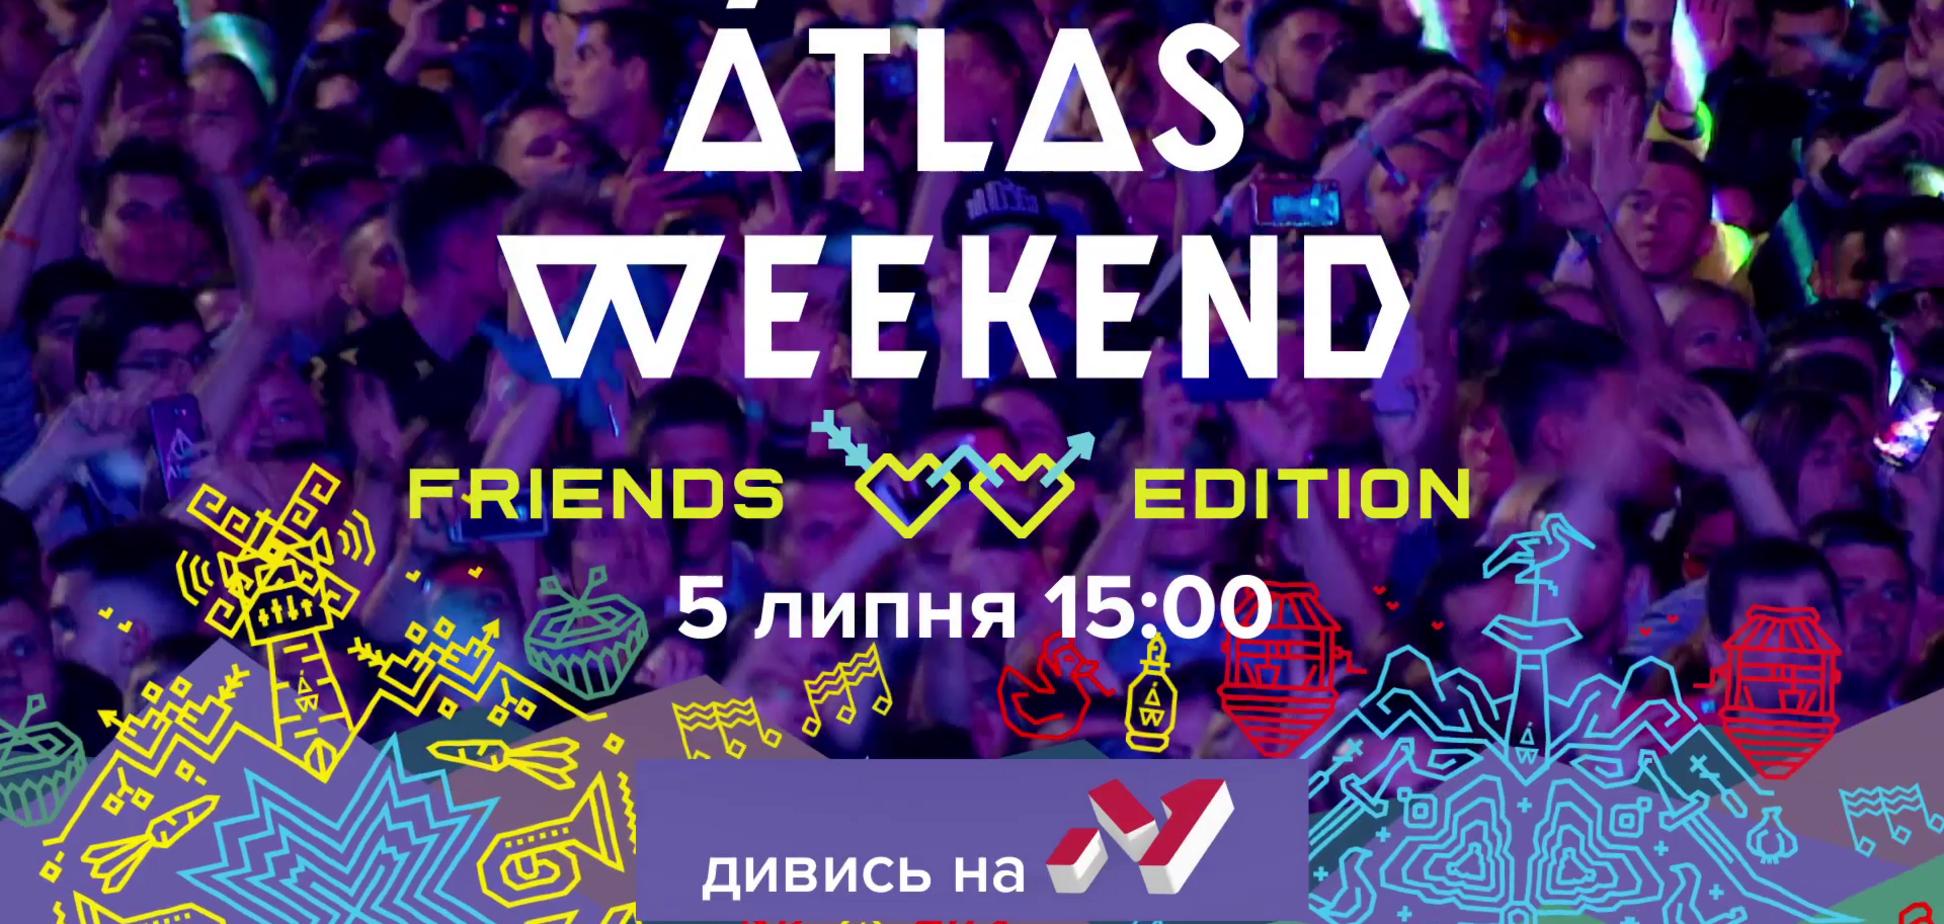 Atlas Weekend Friends Edition — на М1: смотрите старт фестиваля вживую в эфире телеканала